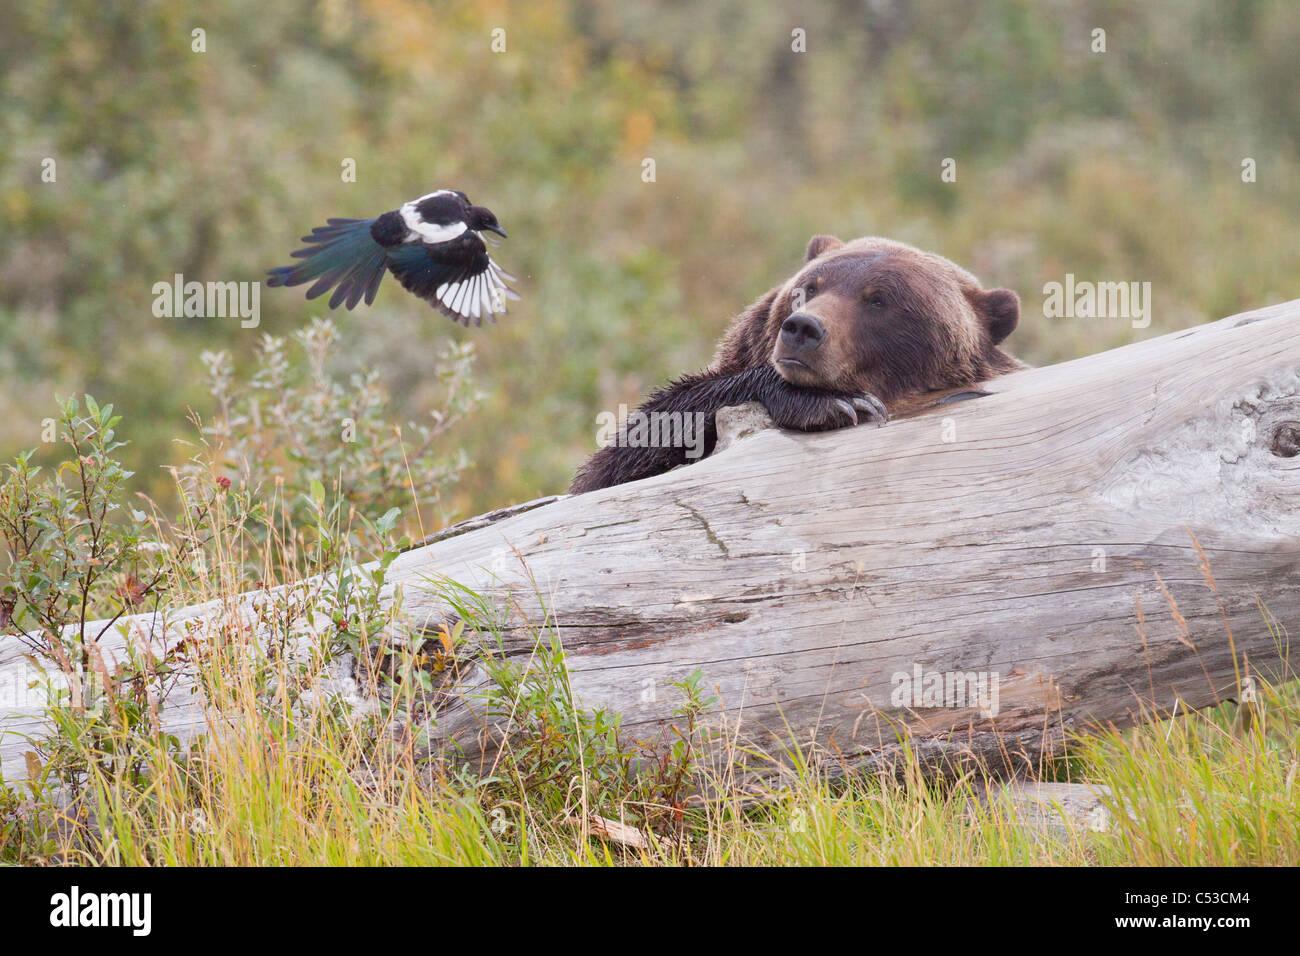 Grizzly Bear liegt auf einem Baumstamm und Uhren eine Elster, ein paar Schritte entfernt, Alaska Wildlife Conservation Stockbild